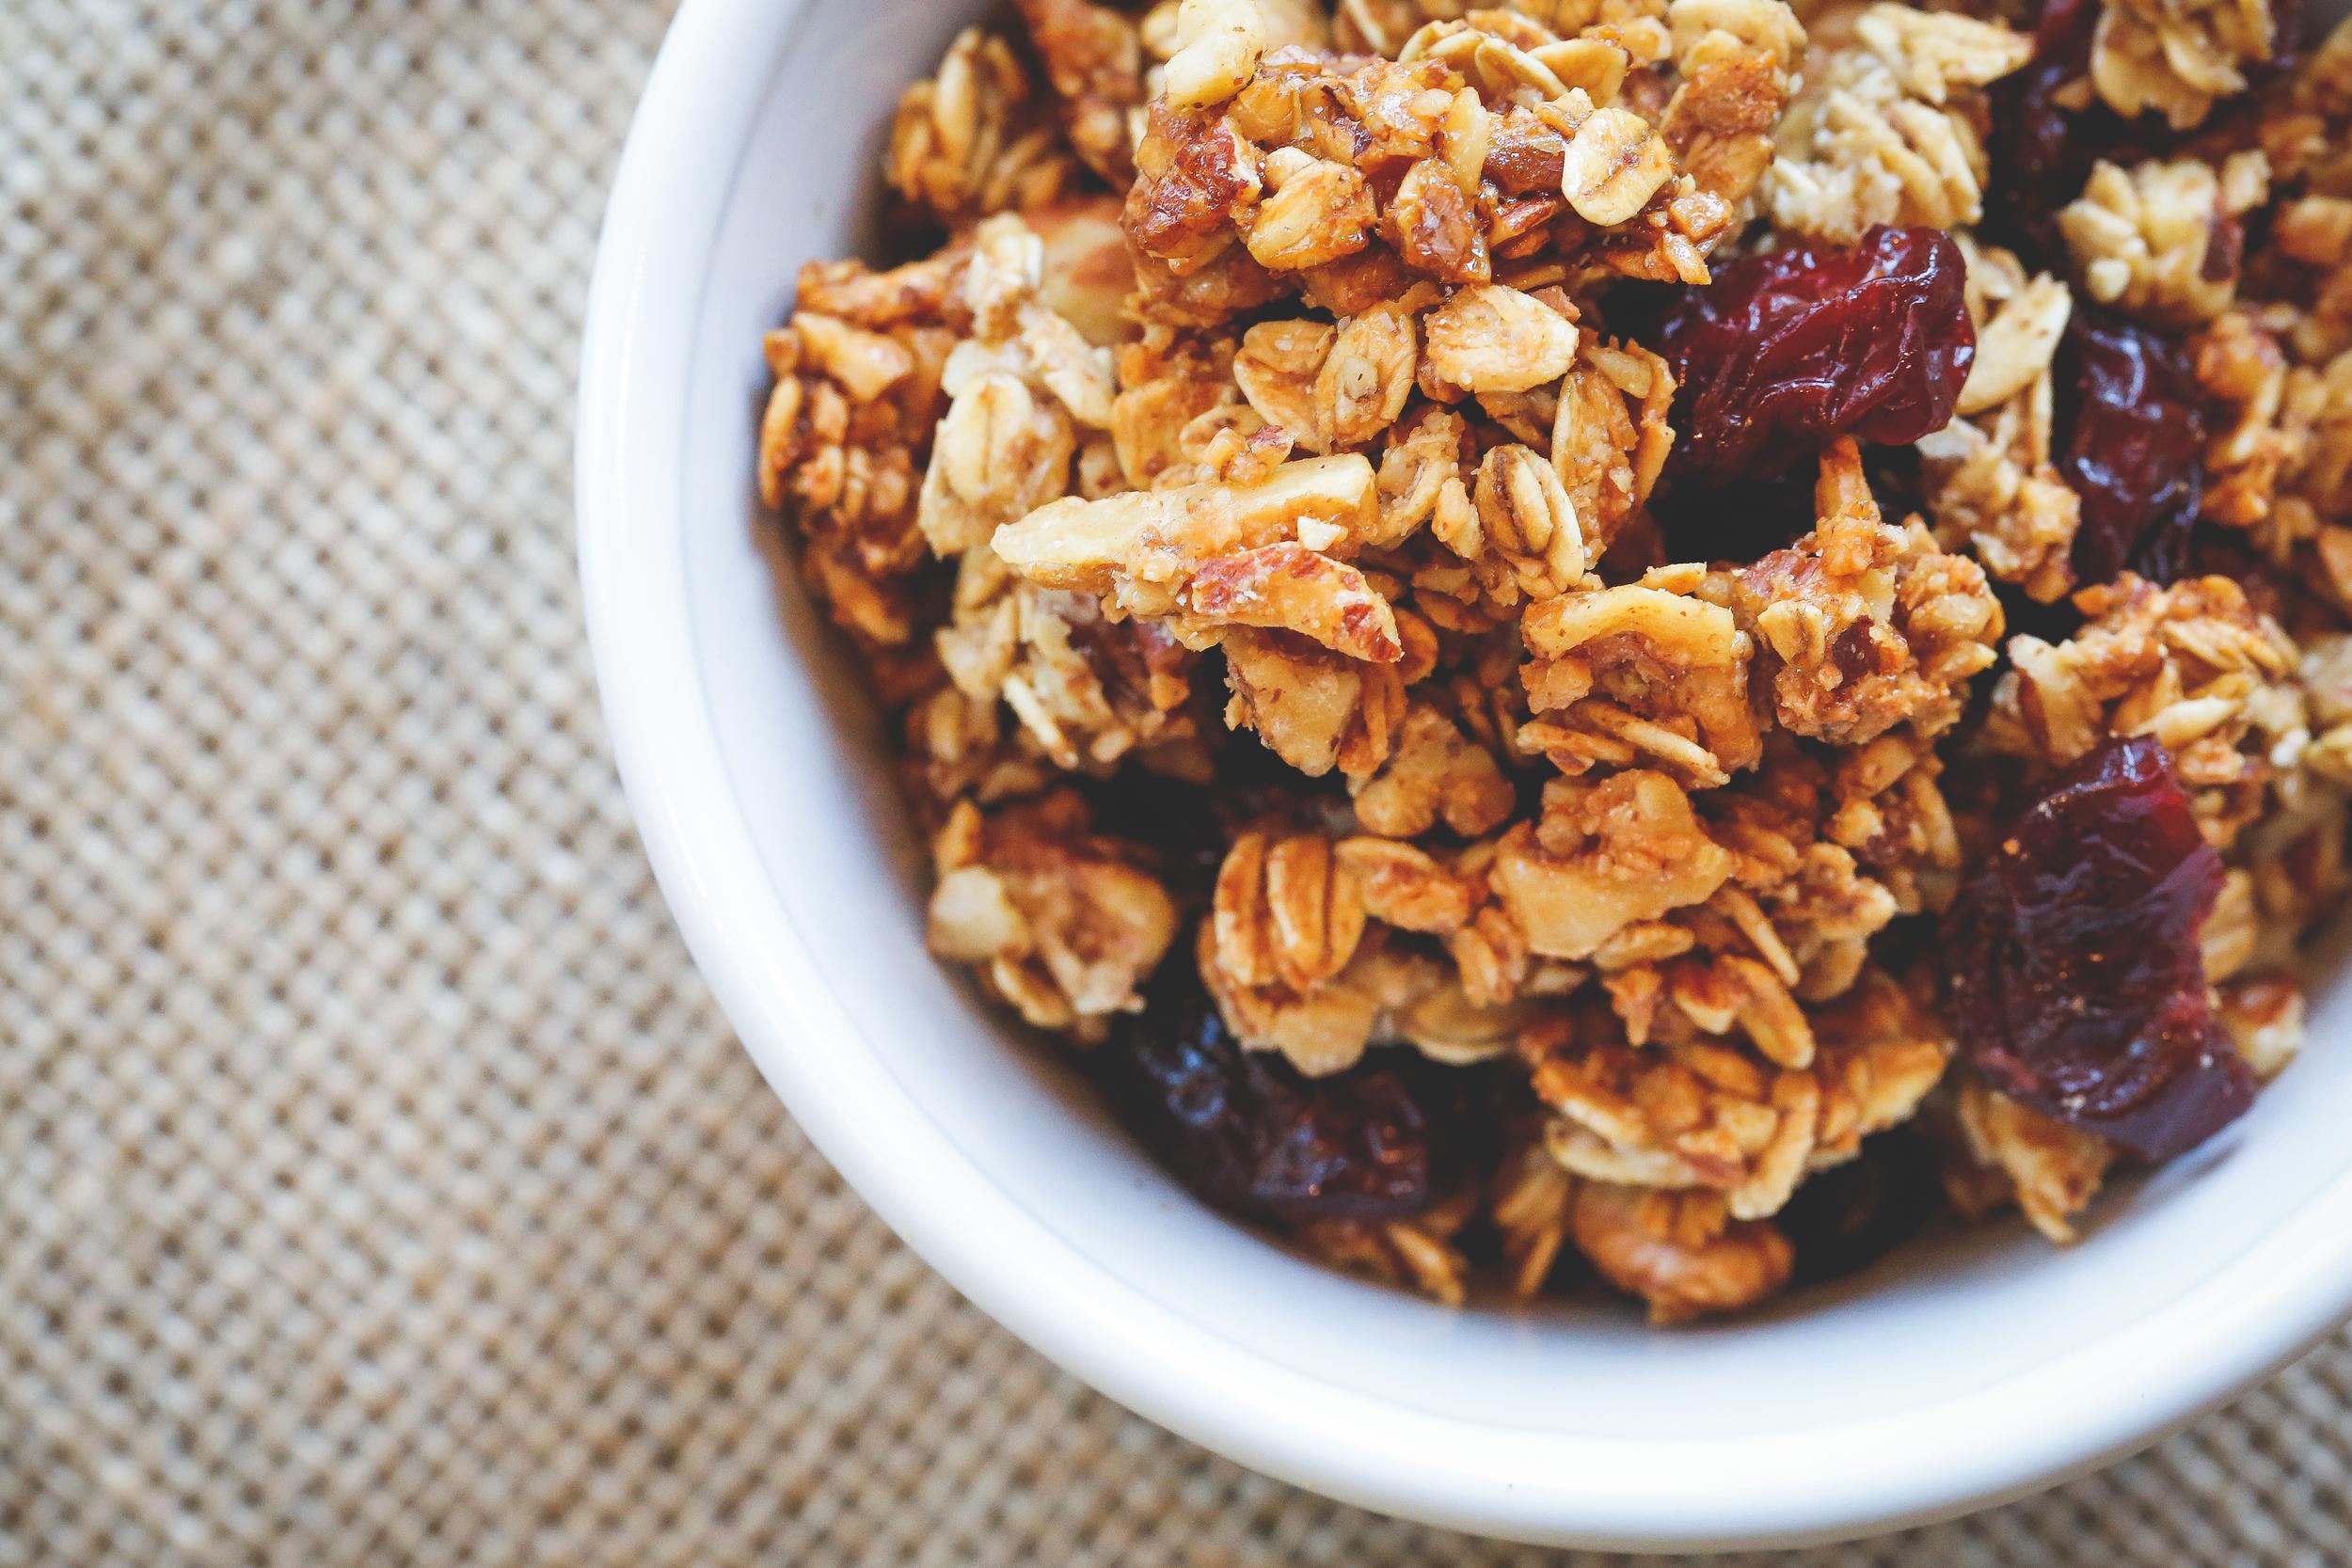 Homemade cherry-vanilla granola